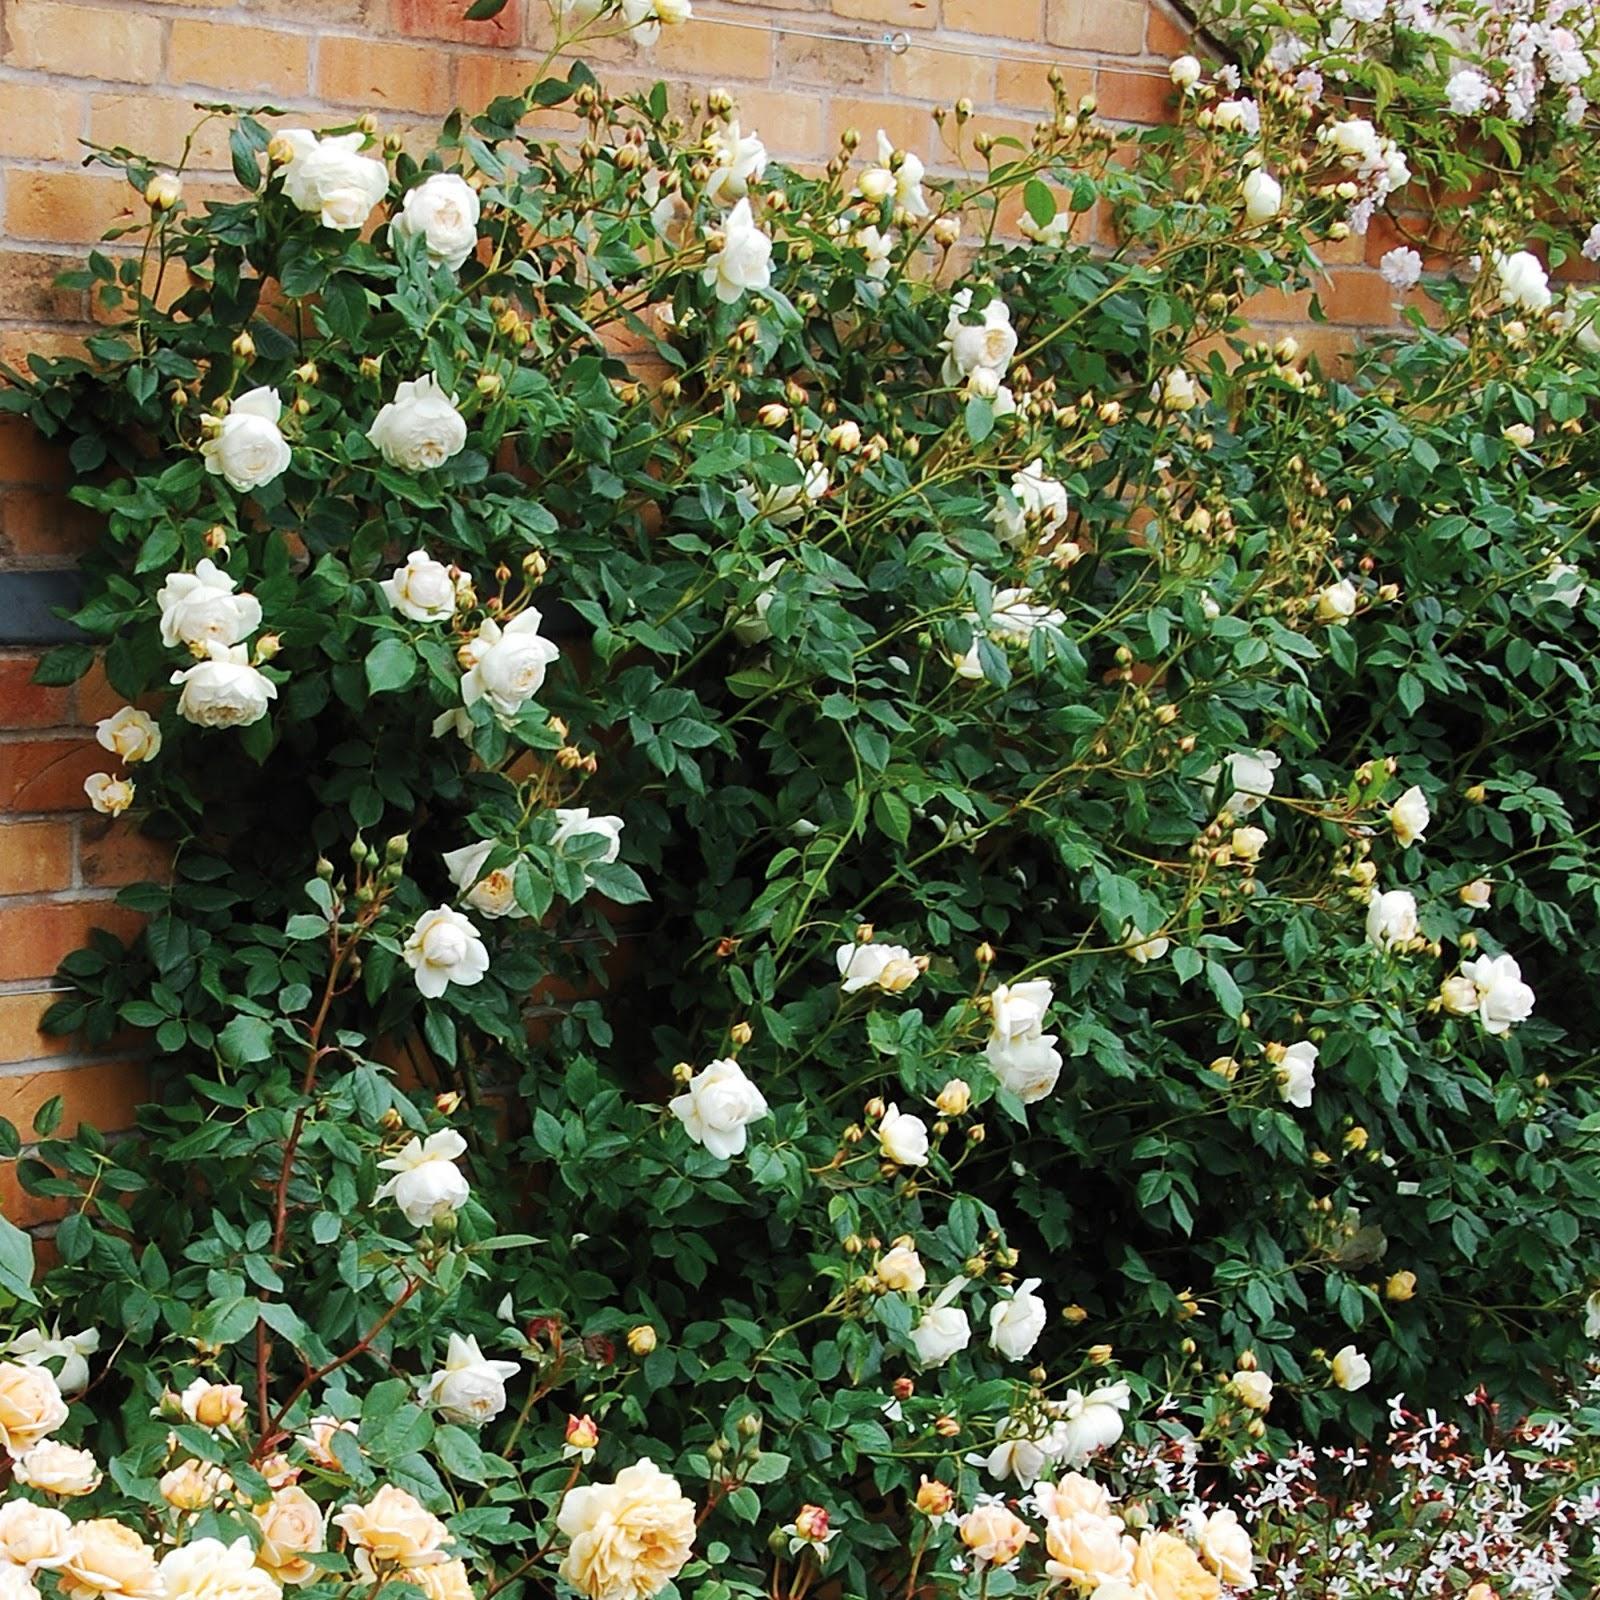 Hình ảnh hoa hồng leo Claire Austin rose trồng dọc theo vách tường với hàng trăm bông hoa trắng tinh khiết